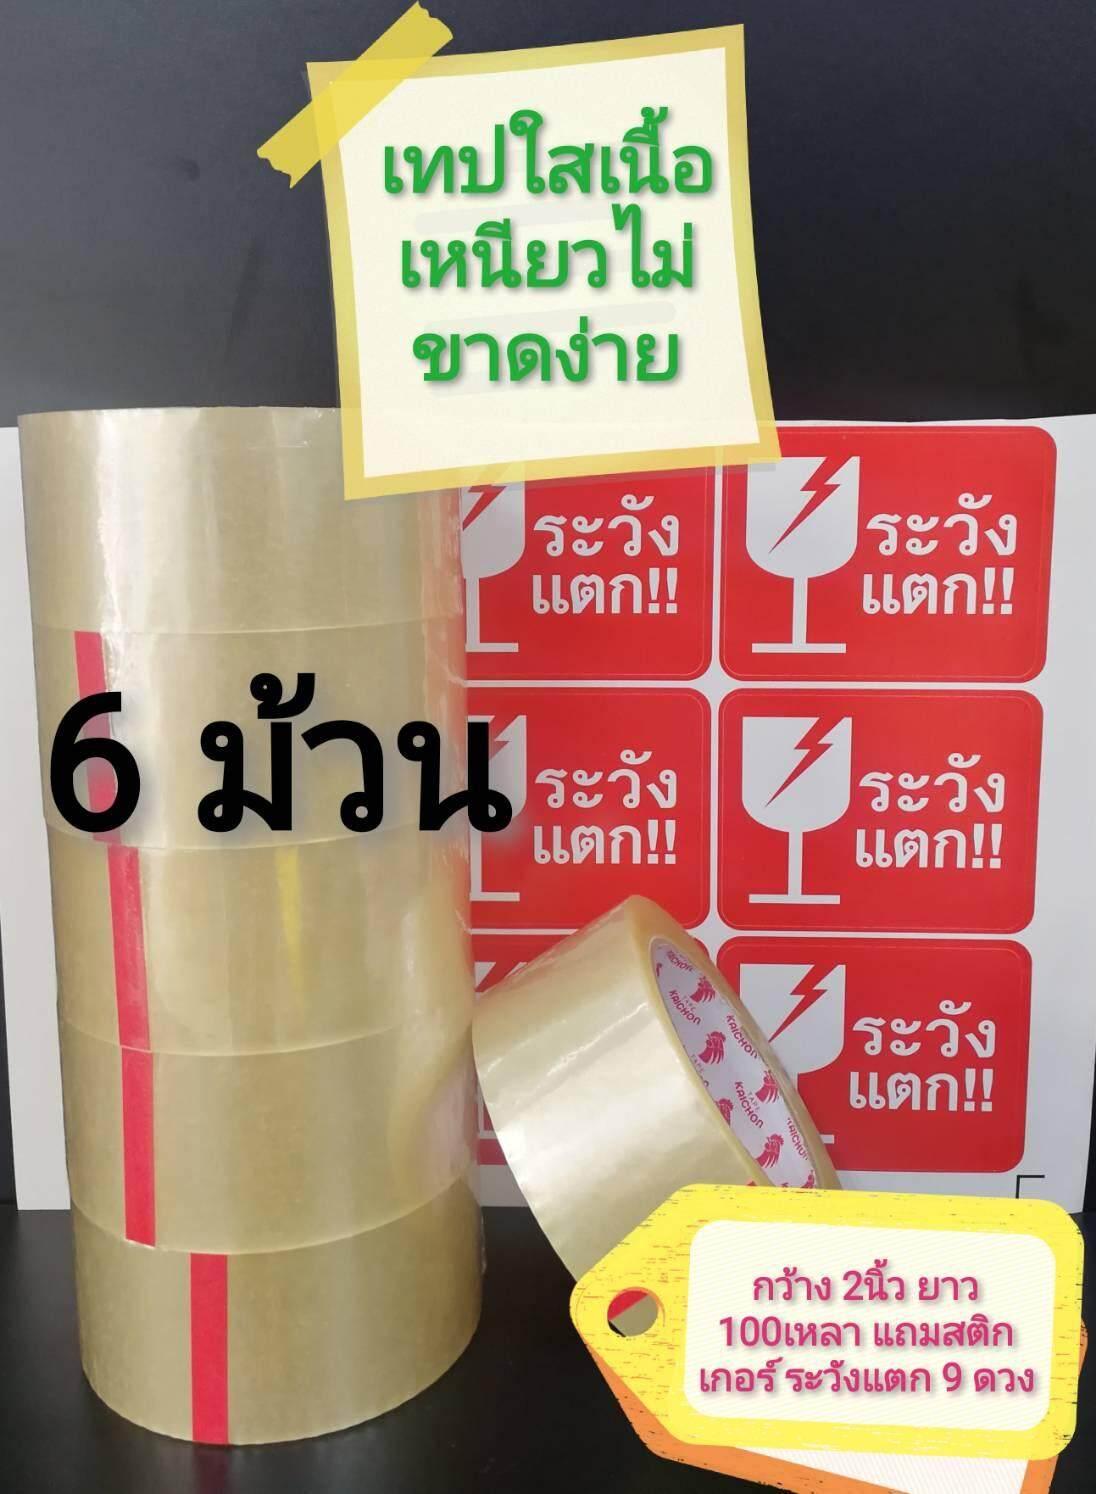 เทปใส-ทึบ เทปกาว เทปปิดกล่อง  ขนาด 2นิ้ว 100หลา (6 ม้วน) (แถมสติกเกอร์ ระวังแตก 9 ดวง)ส่งโดย Kerry